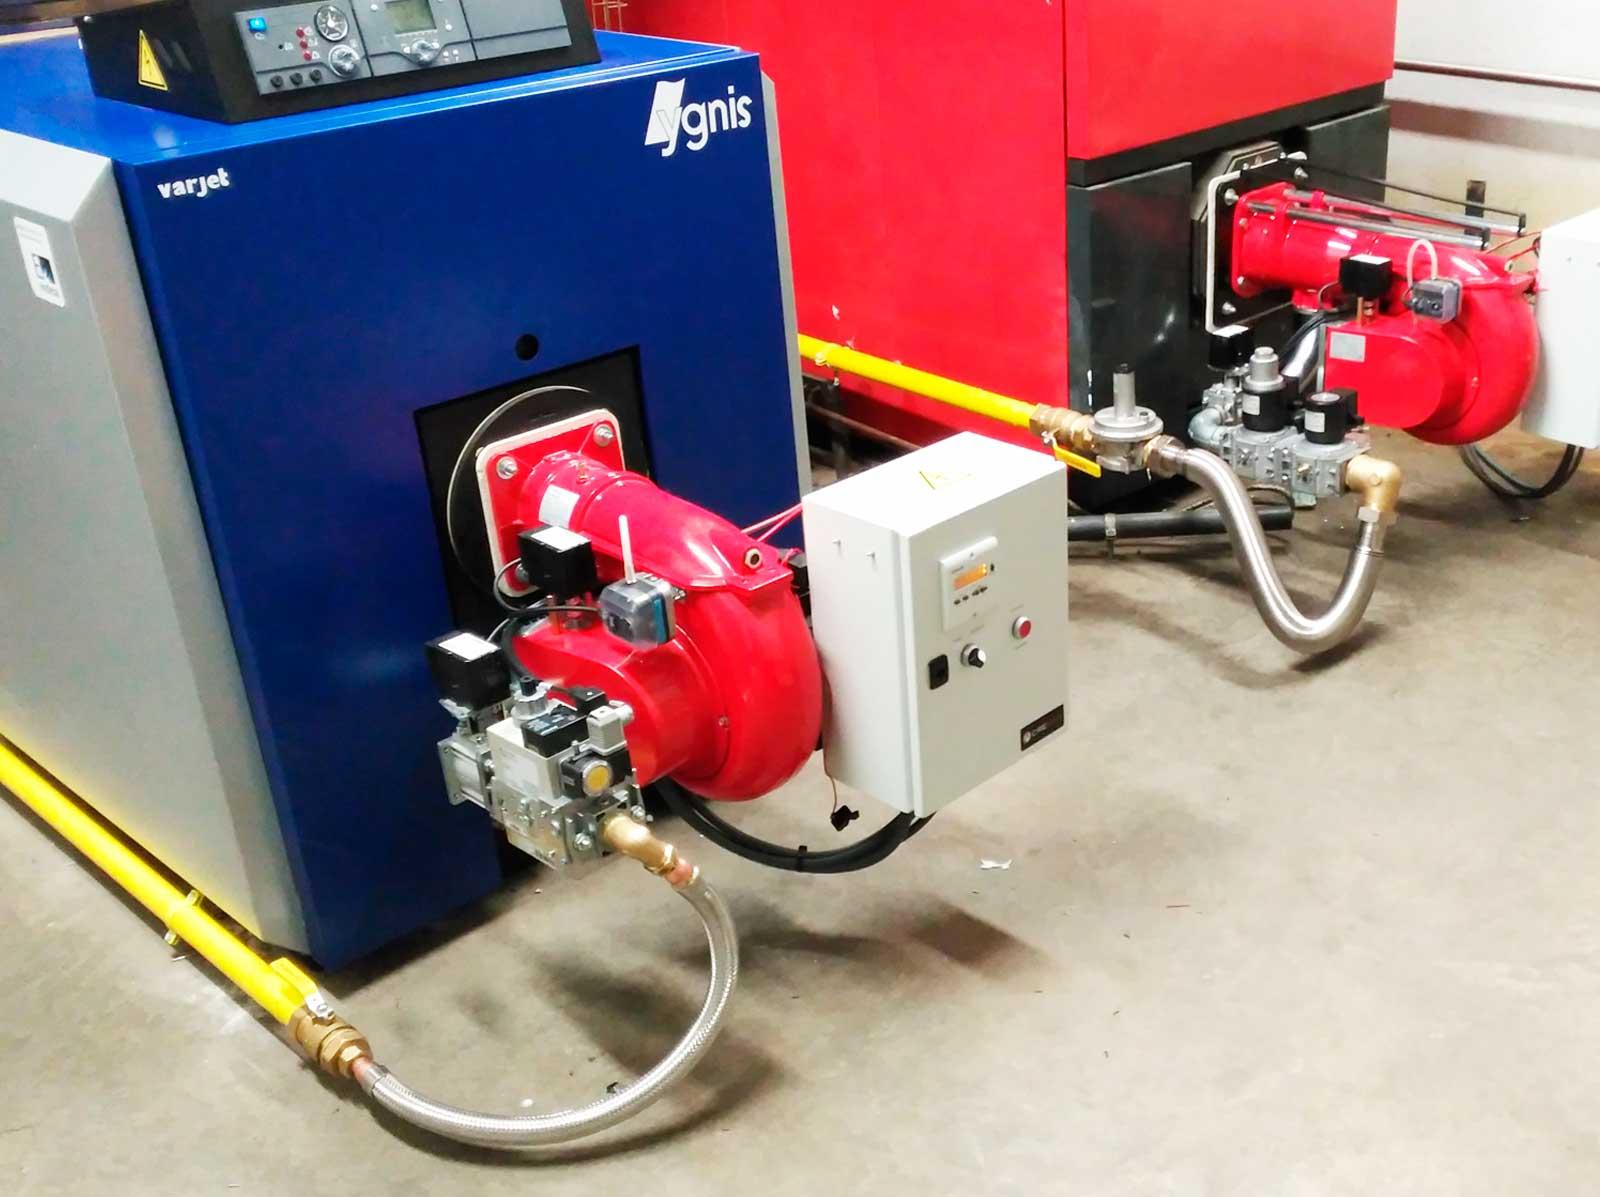 quemador-cremax-gasoleo-flamax-eficiencia-energetica-galeria-10